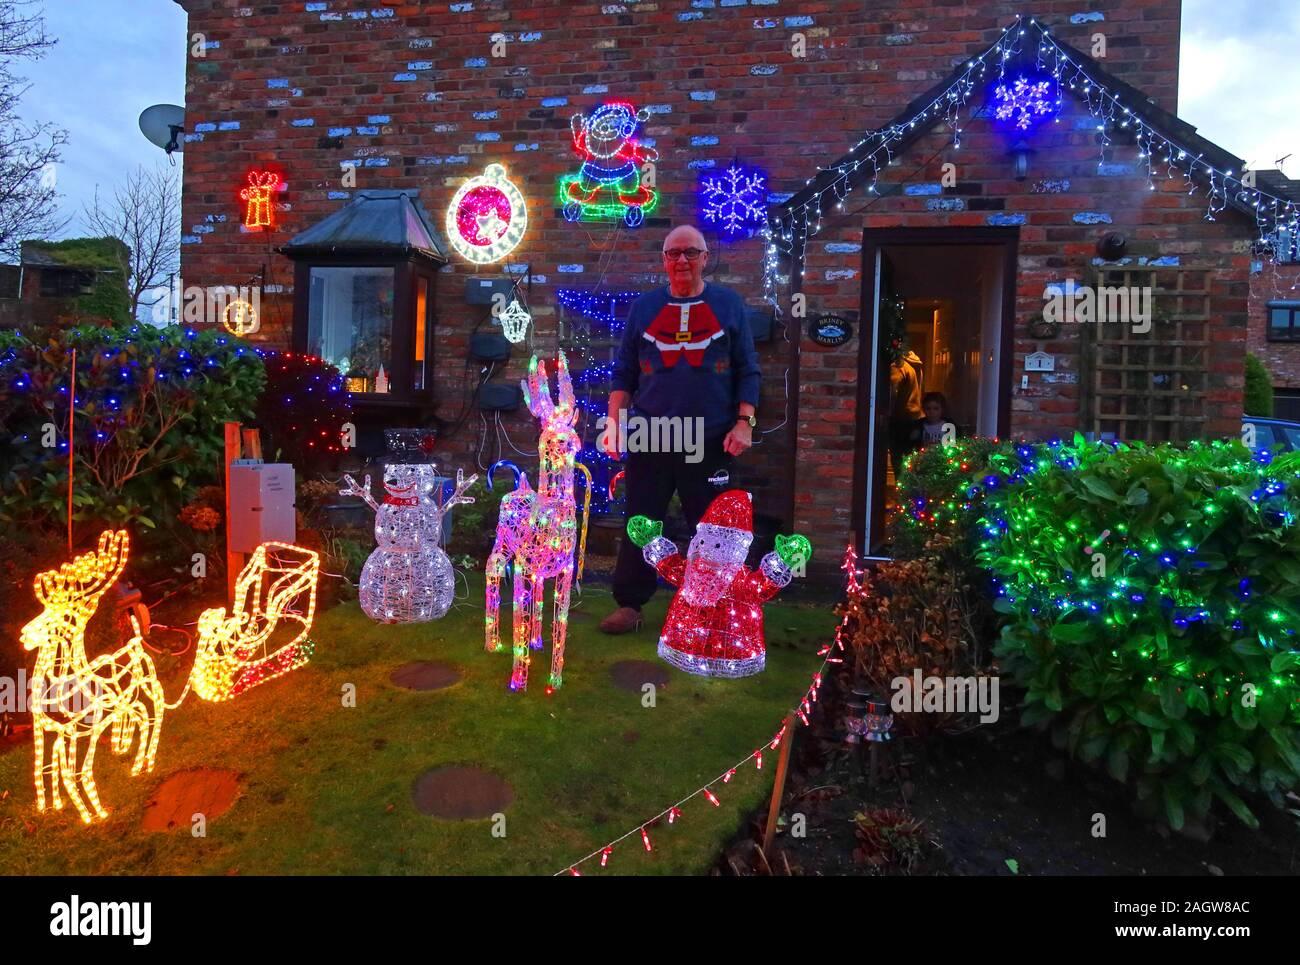 hotpixUk,@HotpixUK,GoTonySmith,Thelwall,Warrington,South Warrington,WA4,Cheshire,England,UK,Warrington Villages,at Xmas,lights,dusk,night,Xmas,Christmas,resident,owner,Christmas decorations,beautiful,decorations